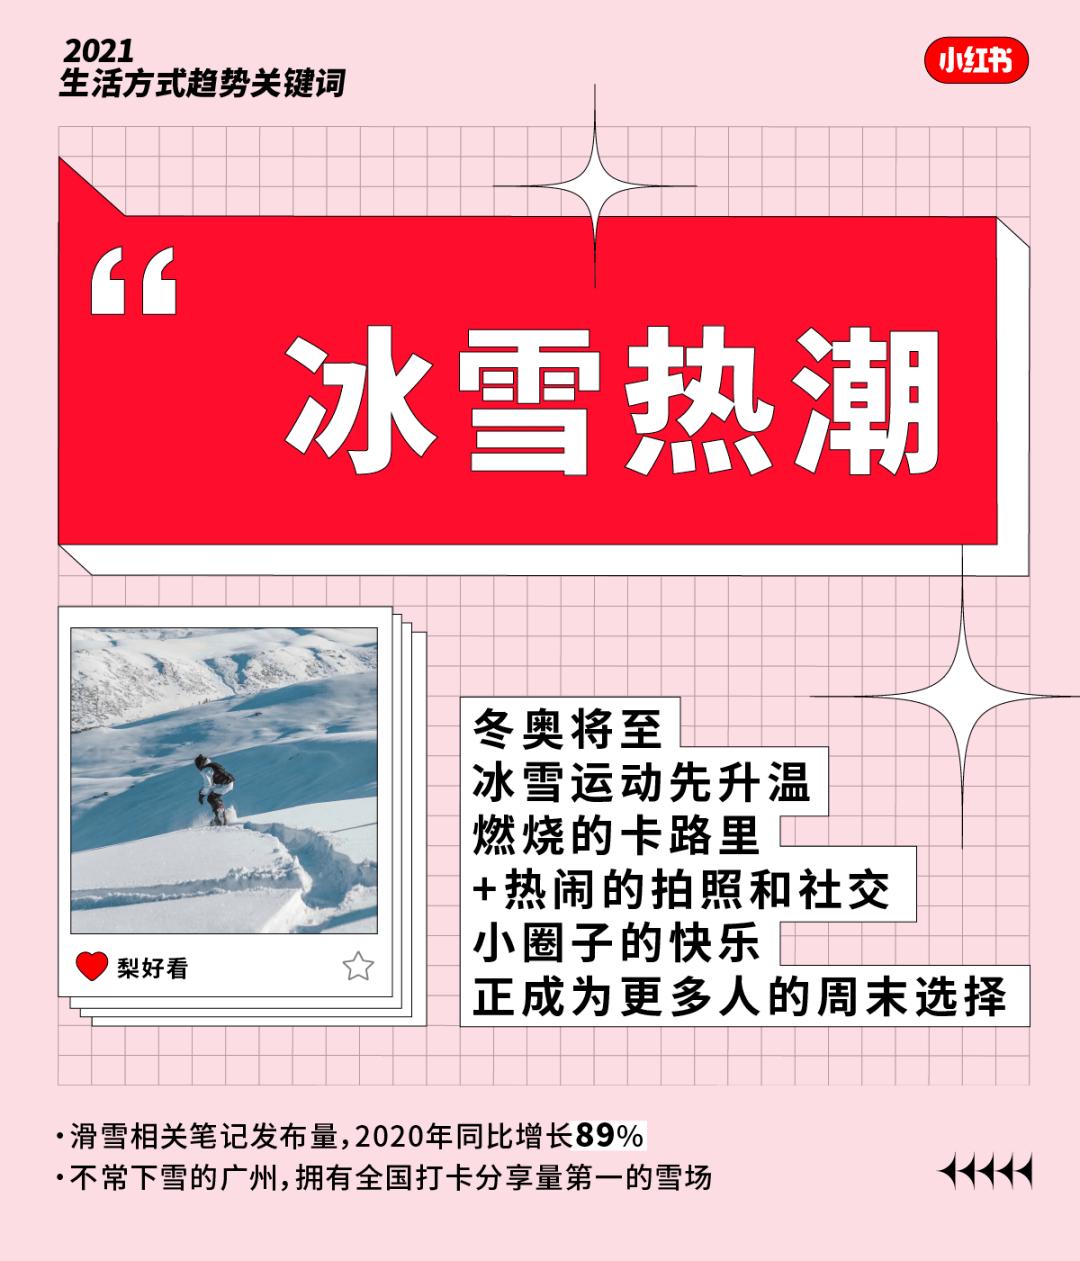 小红书《2021生活方式趋势关键词》发布